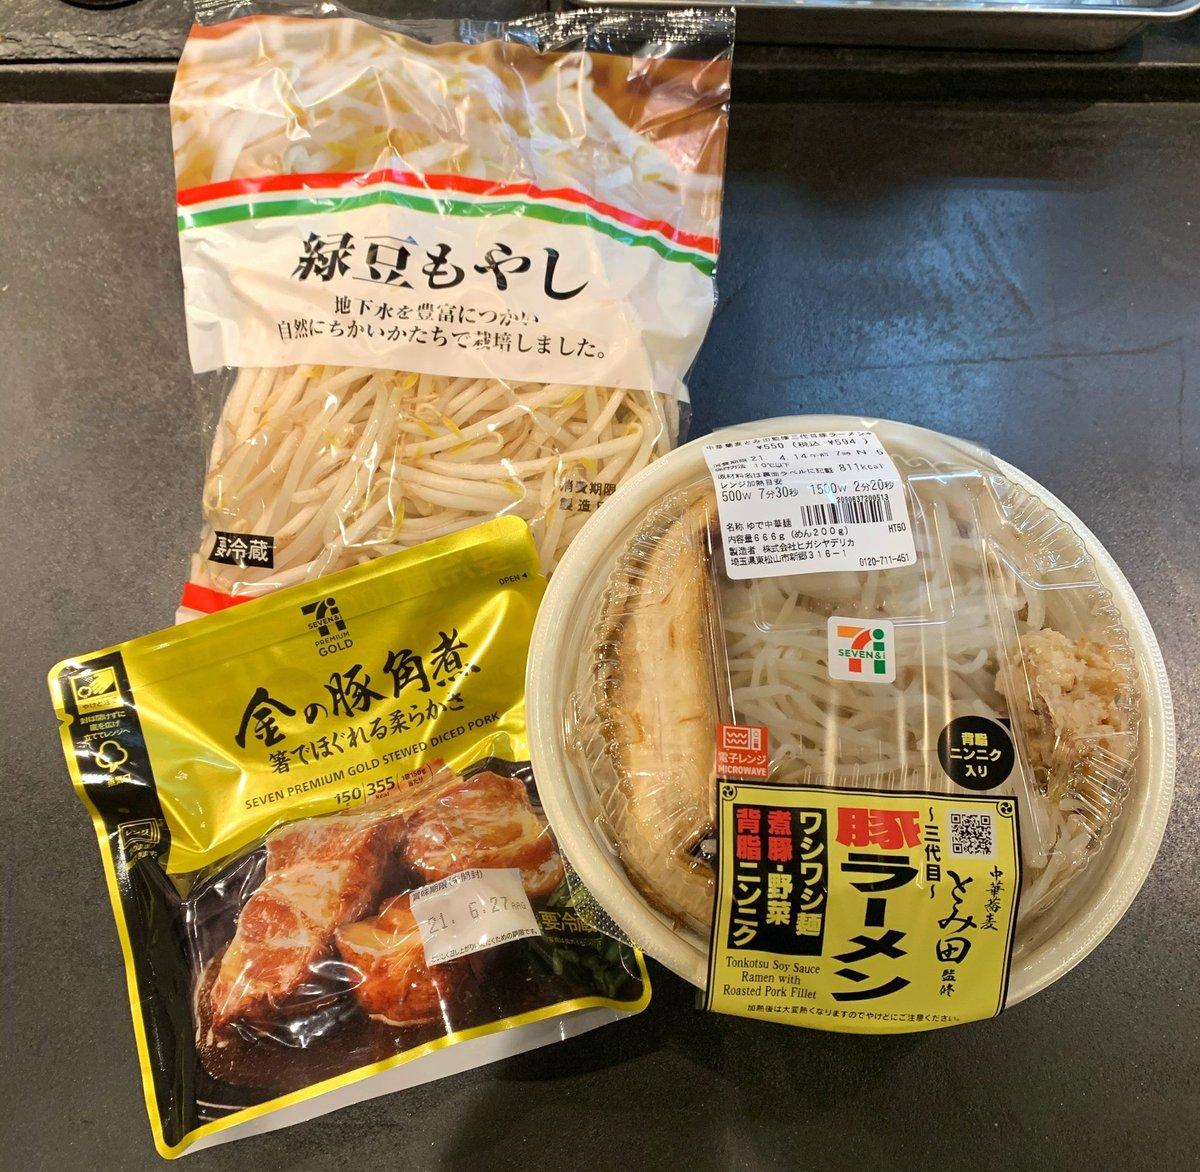 最も贅沢な1000円の使い方!24時間食べられるラーメンレシピ!